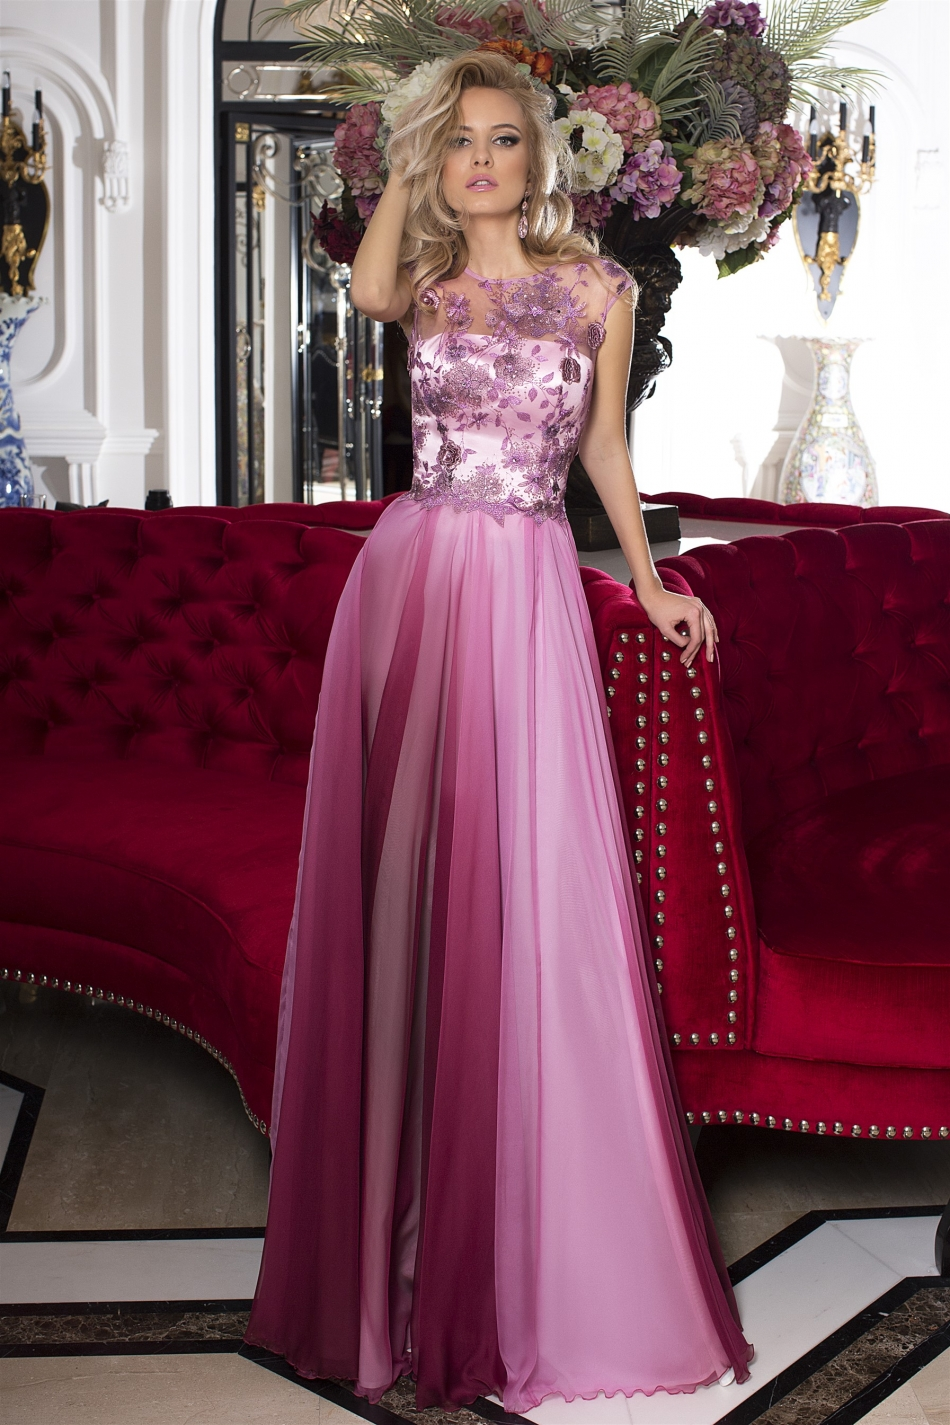 739ac97958af OKSANA MUKHA - spoločenské šaty model 16-983 vrchnému dielu